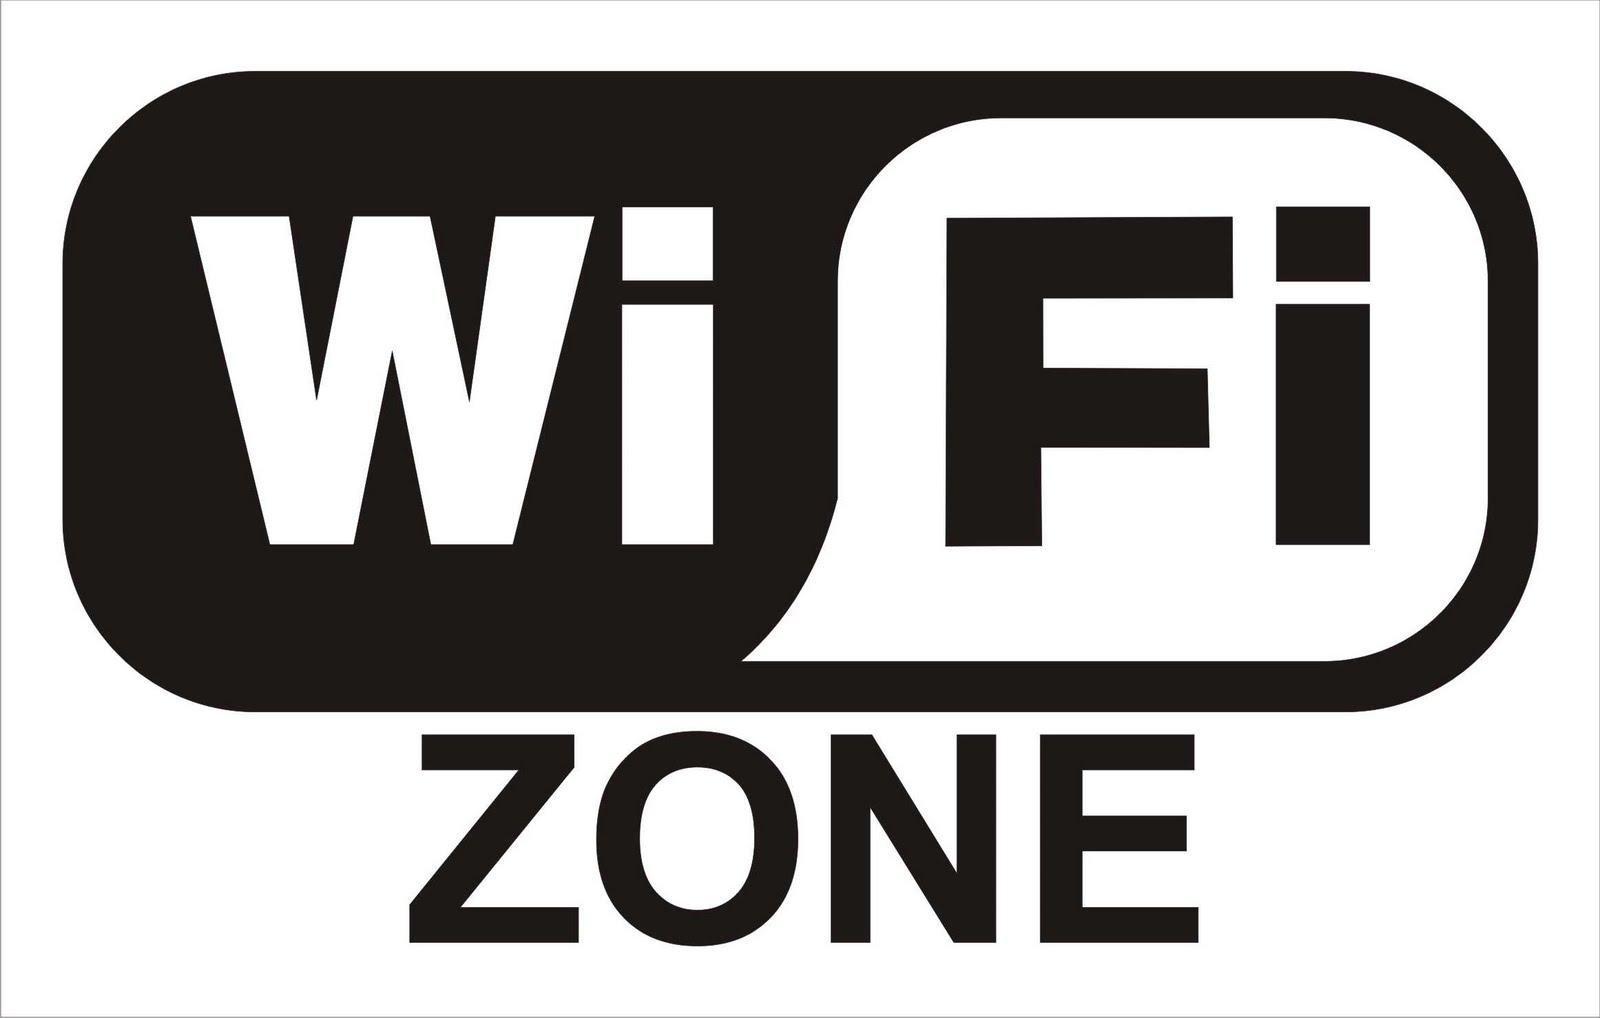 Costa Serena: Wi Fi Zone